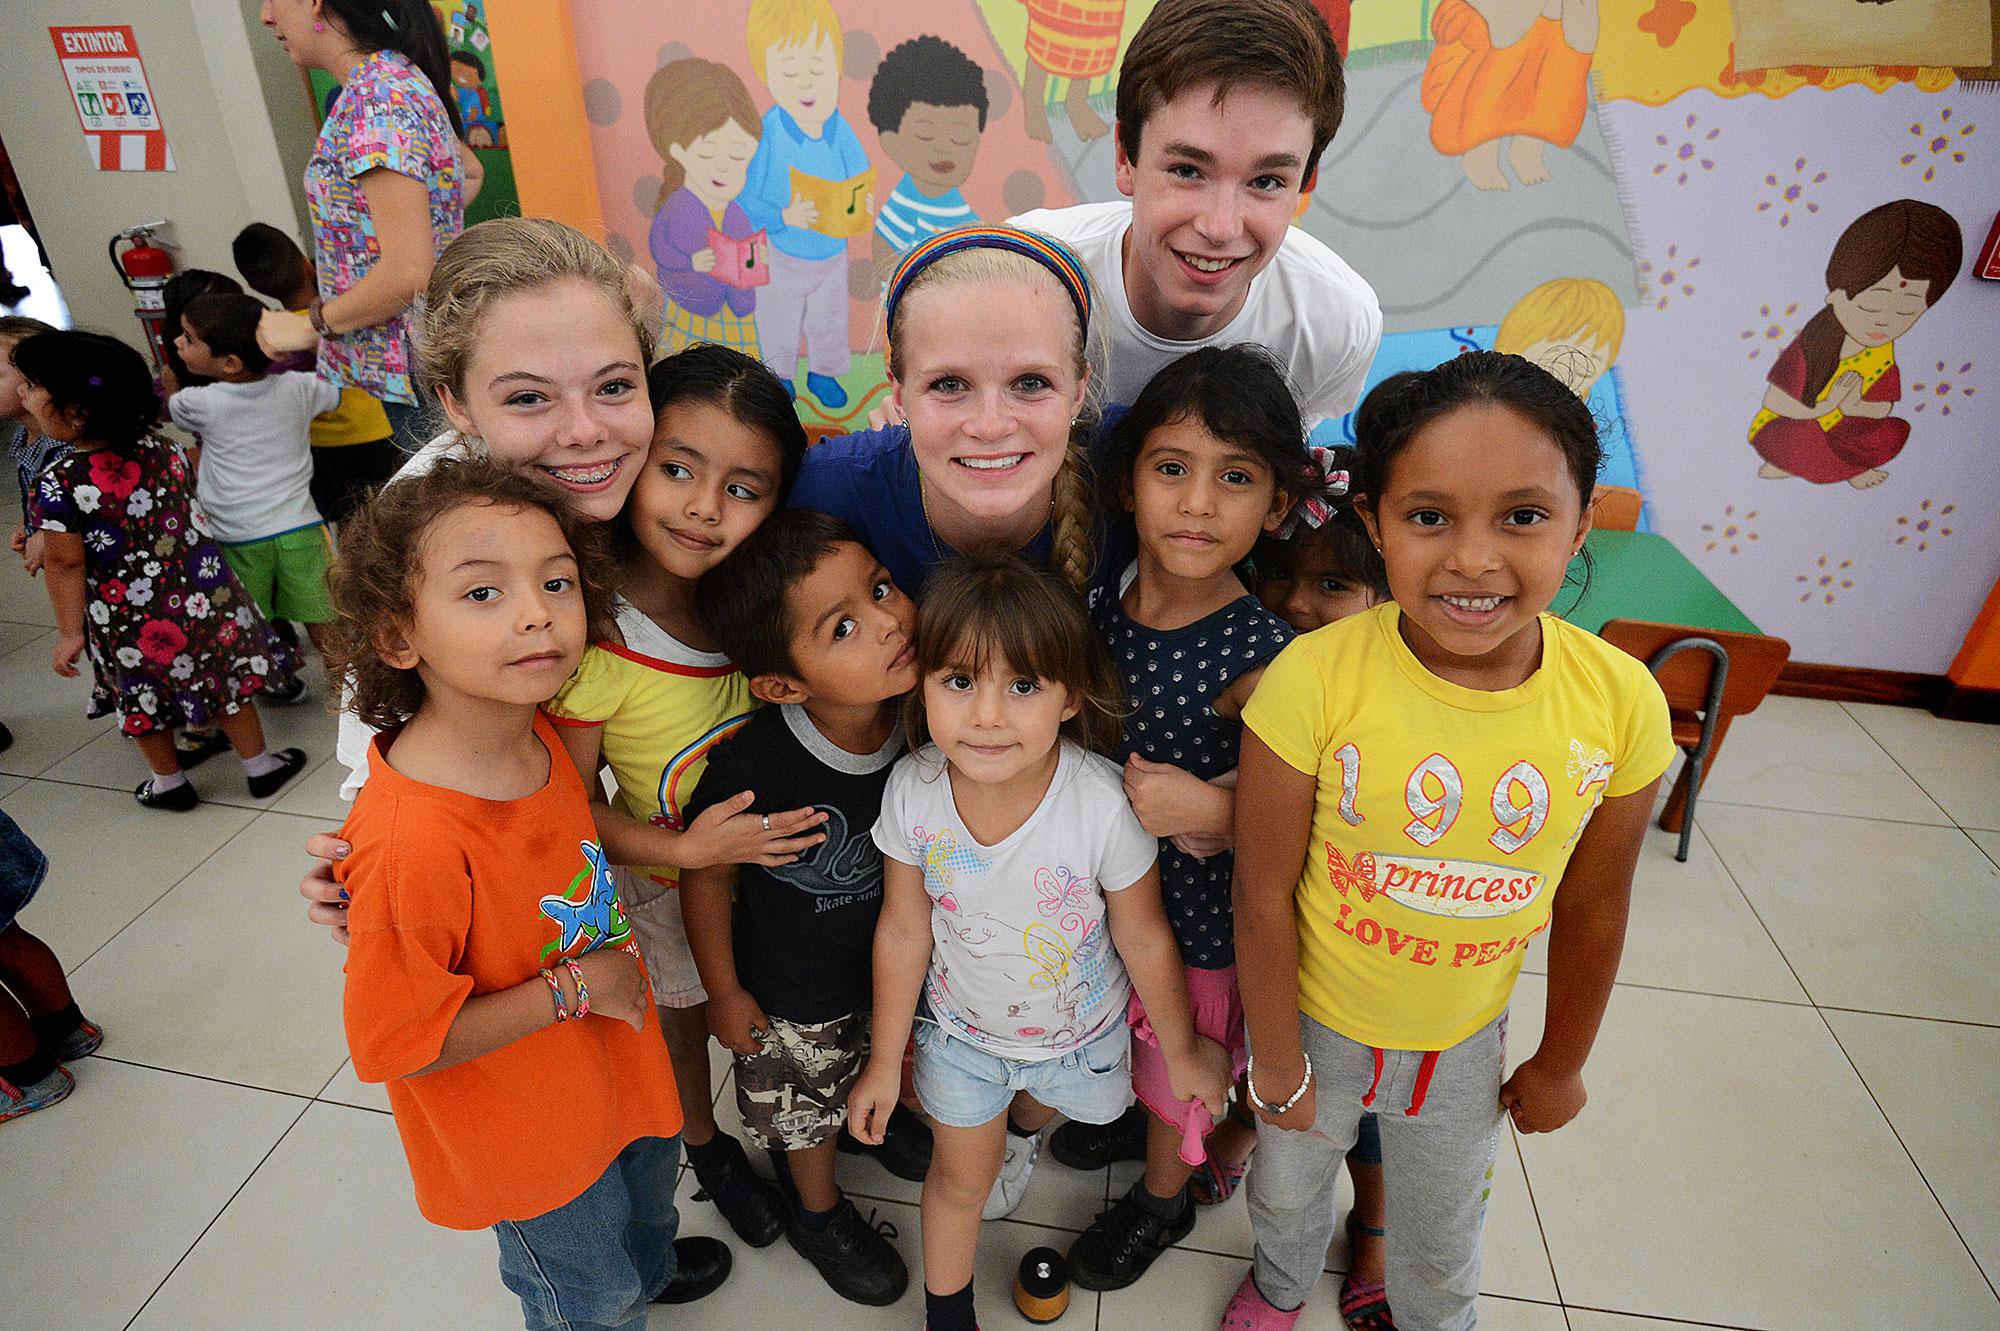 Making friends, San José, Costa Rica, June 2014.